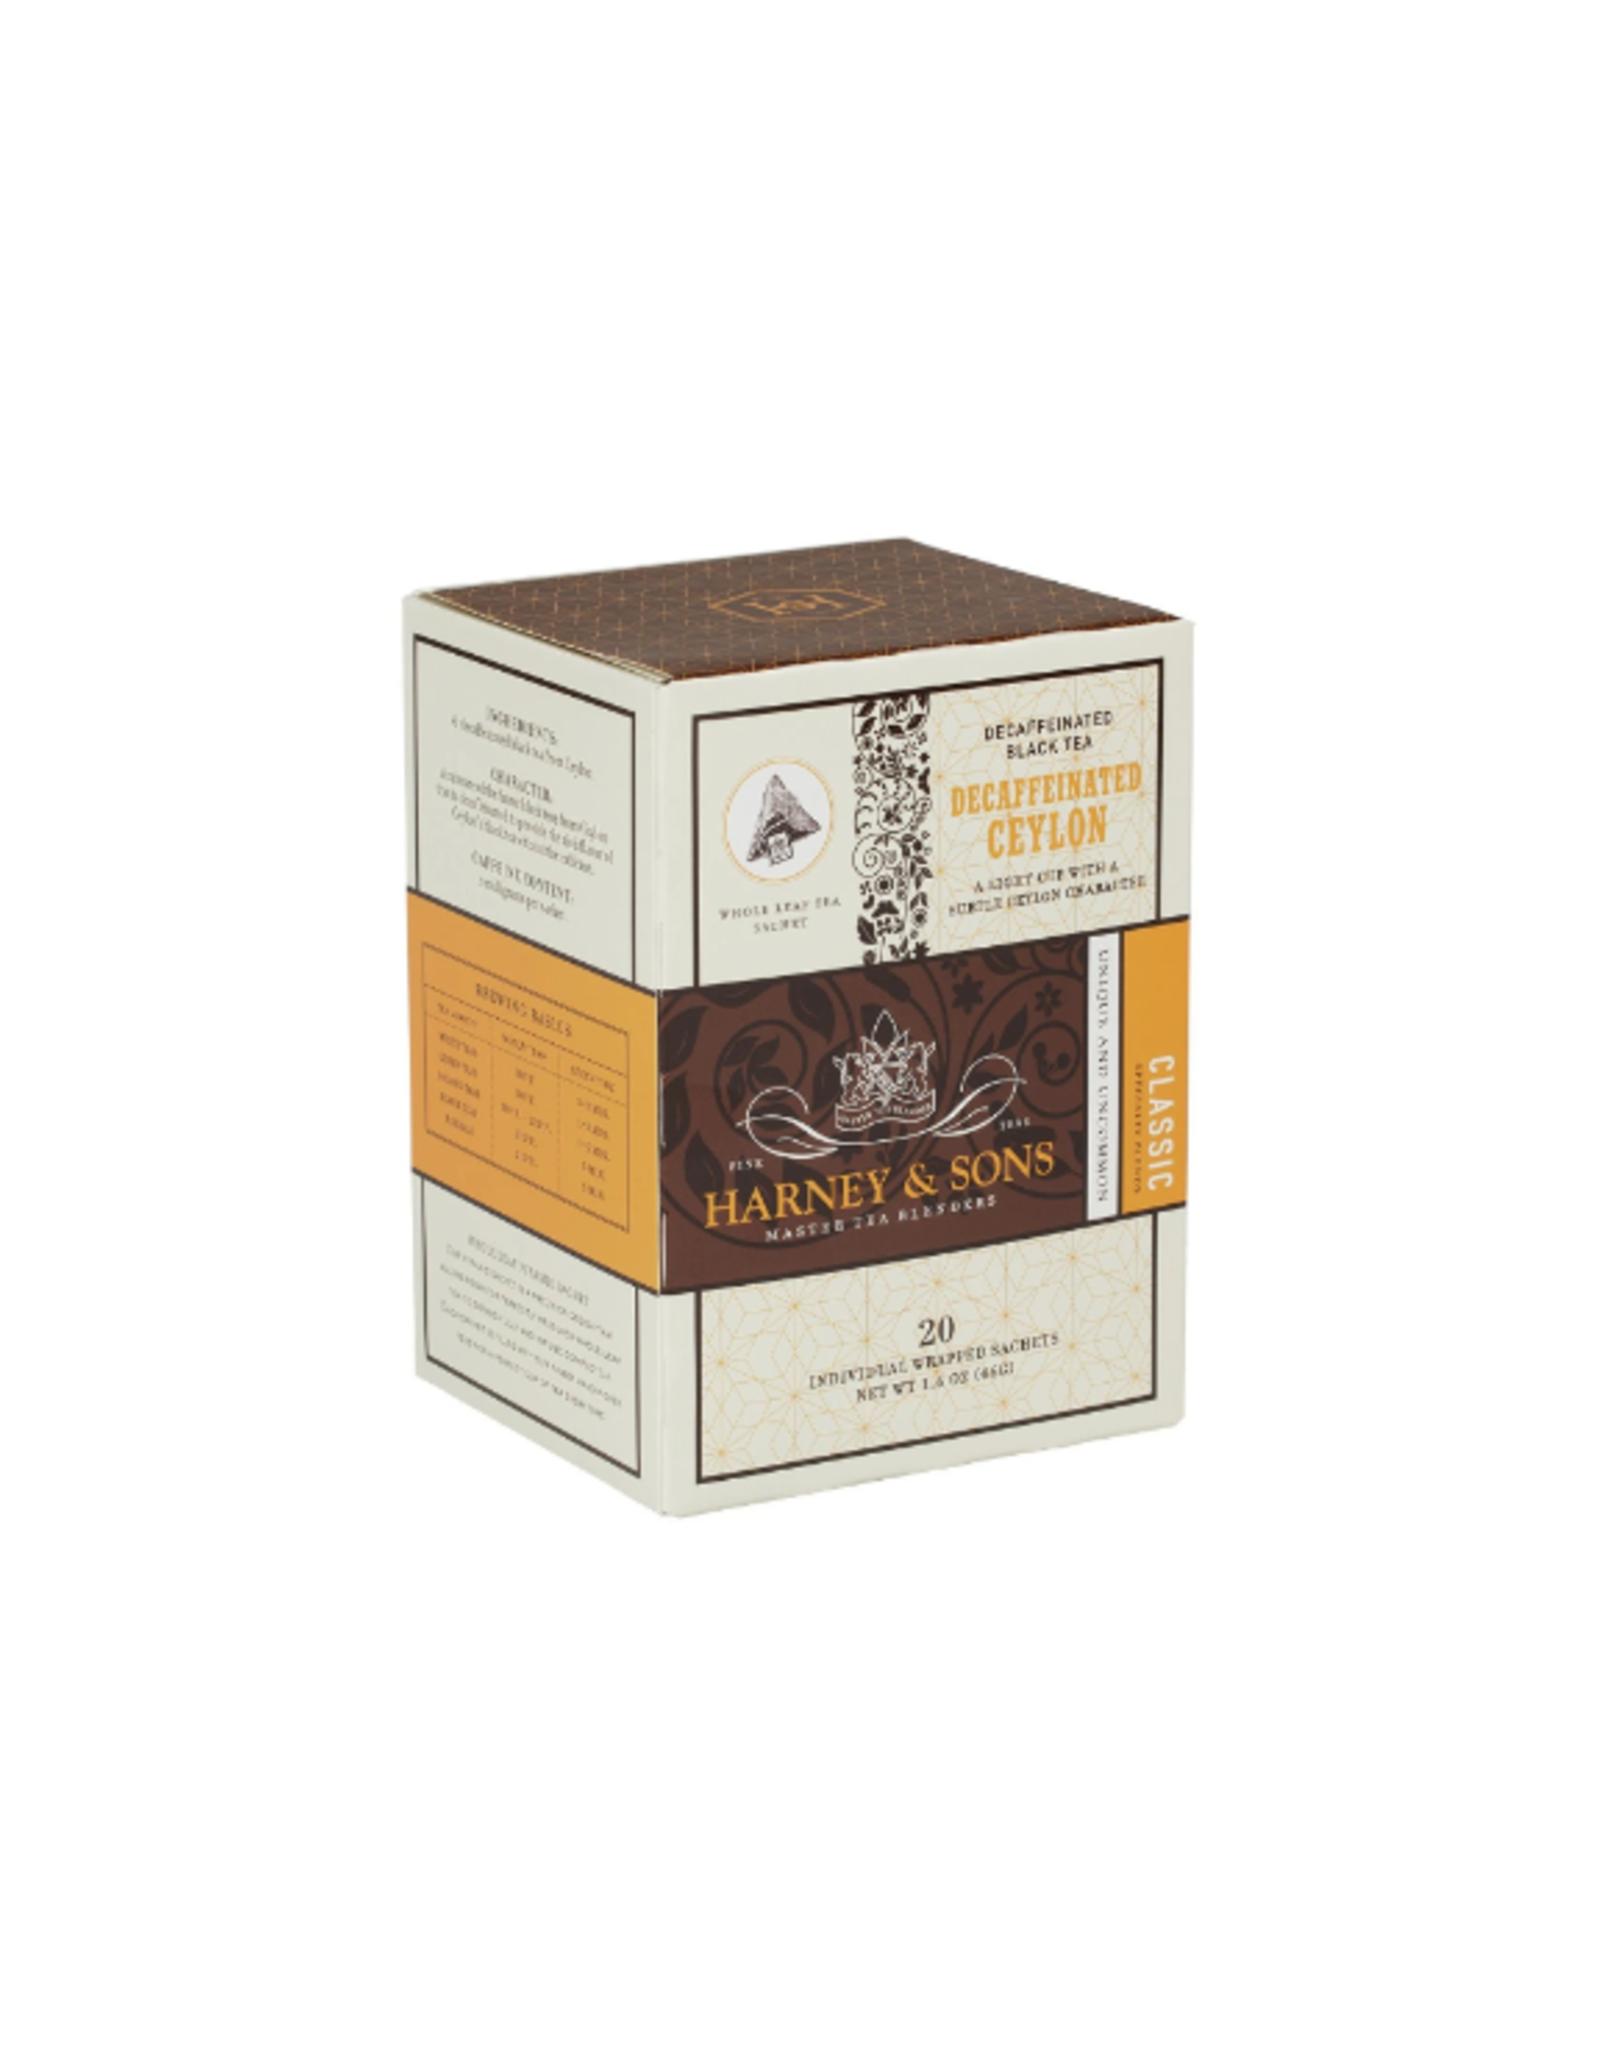 Harney & Sons CDU Tea Sachets, Decaf Ceylon